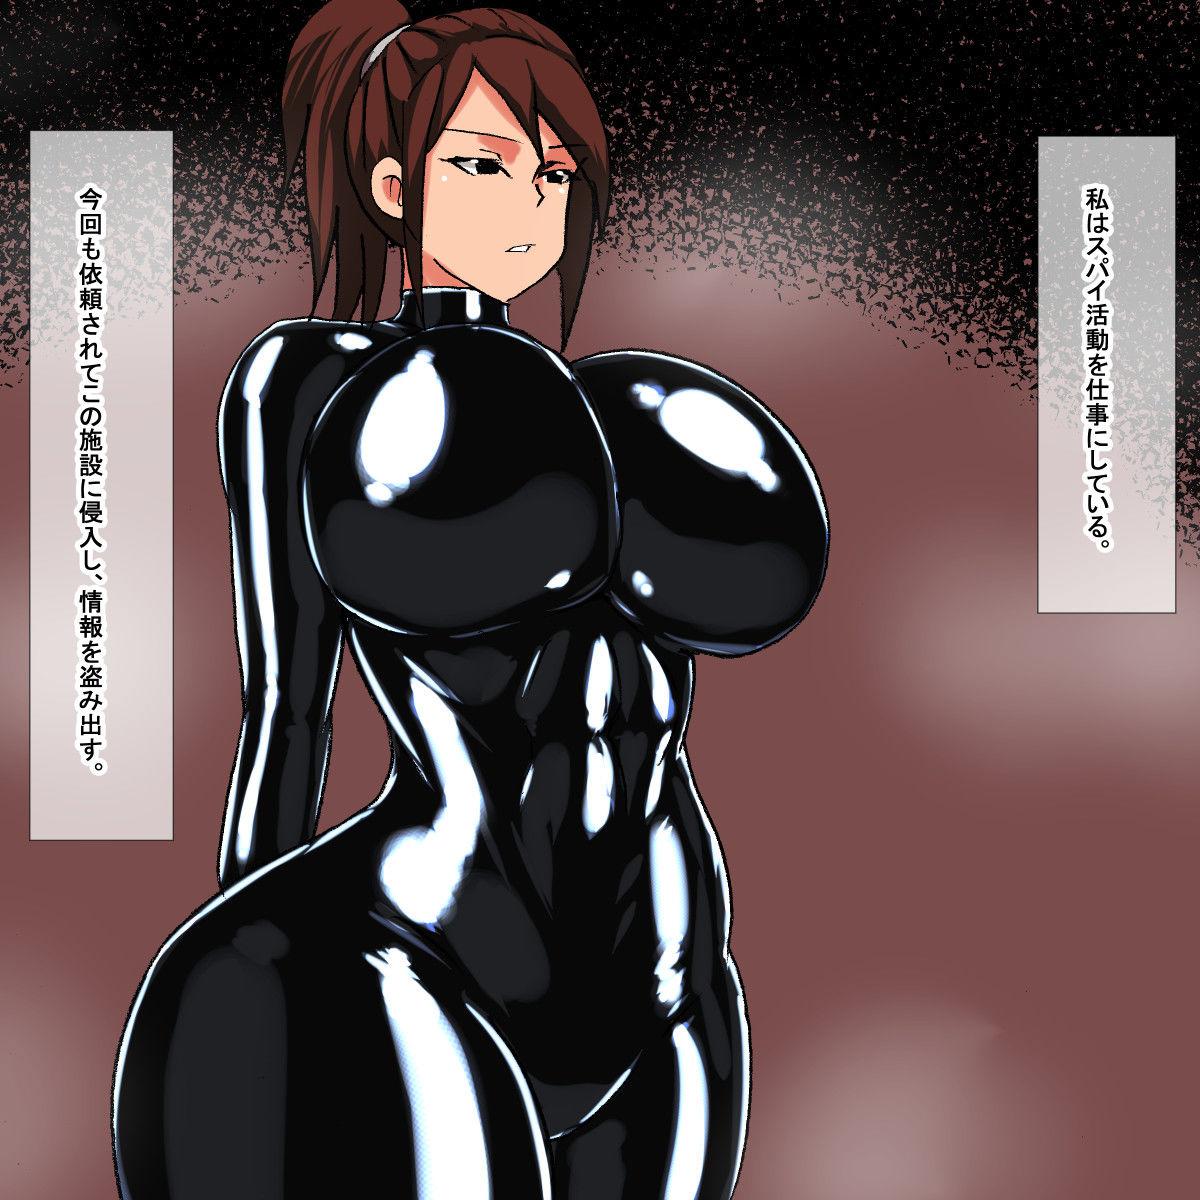 mm ラバースーツ(ボディスーツ)女スパイ媚薬姦 エロ画像